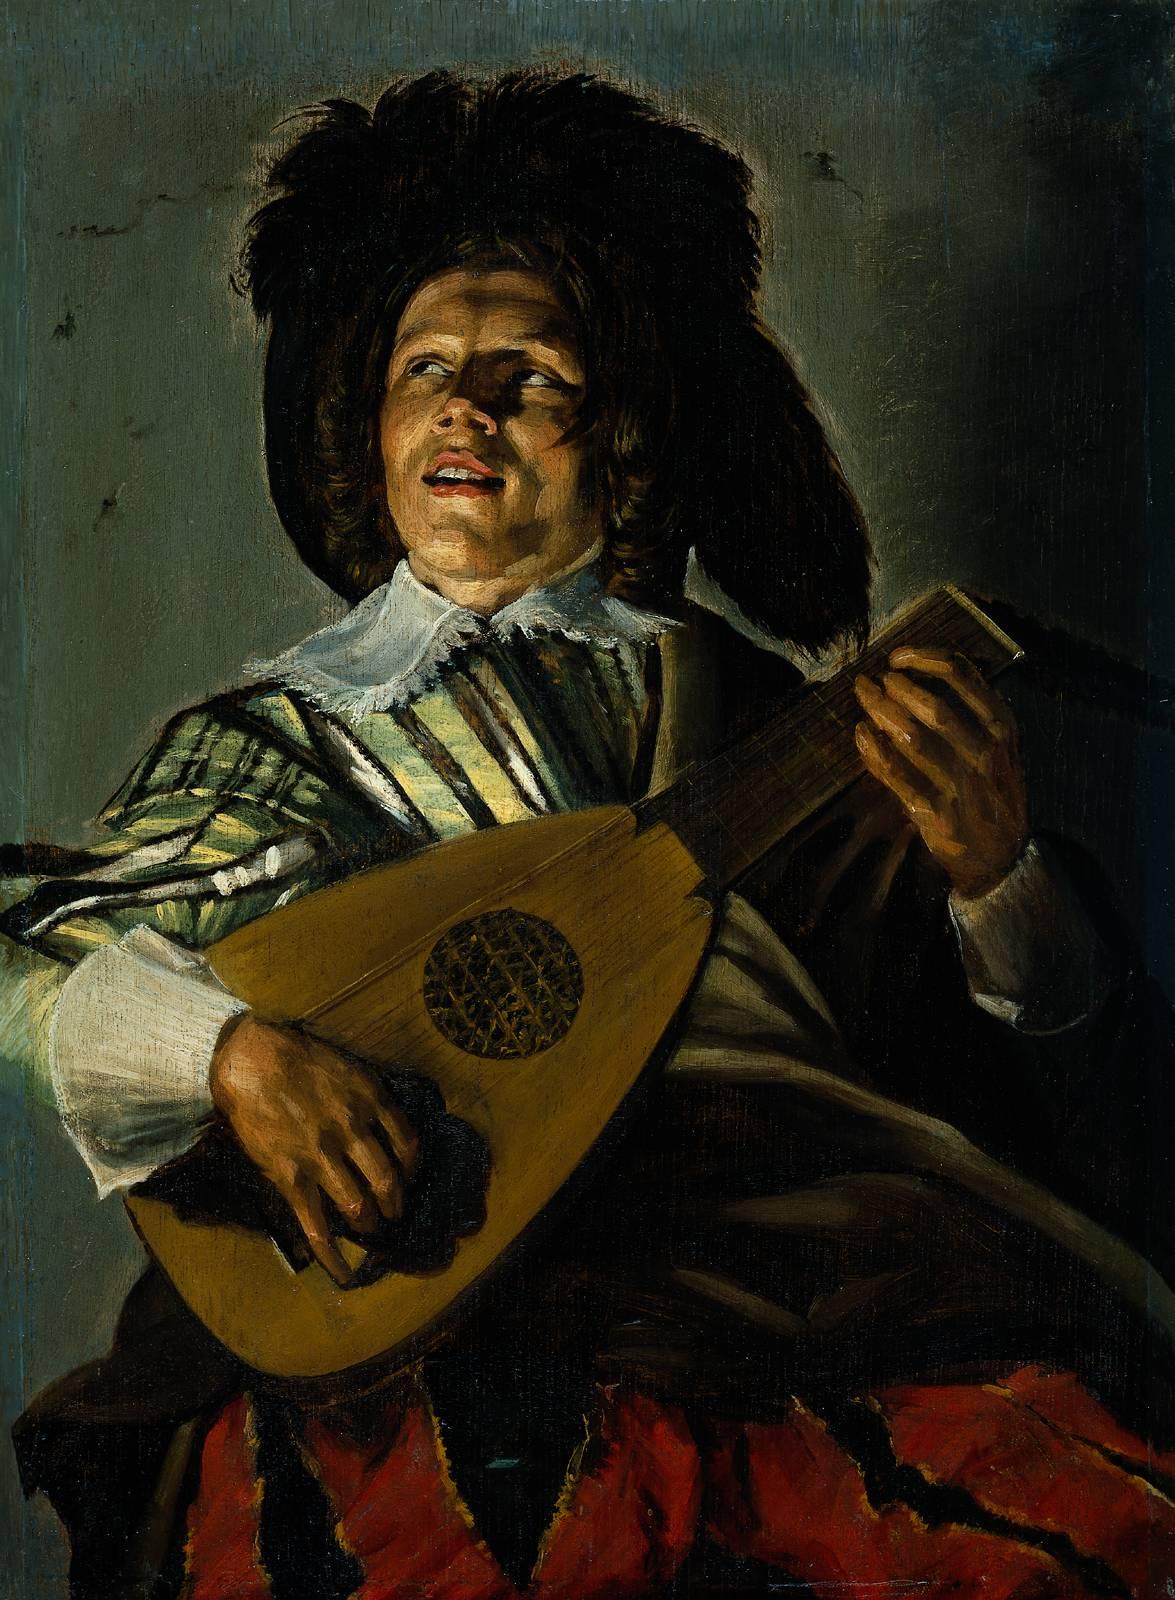 Judith Leyster, Serenade, 1629, Rijksmuseum, Amsterdam, Netherlands.